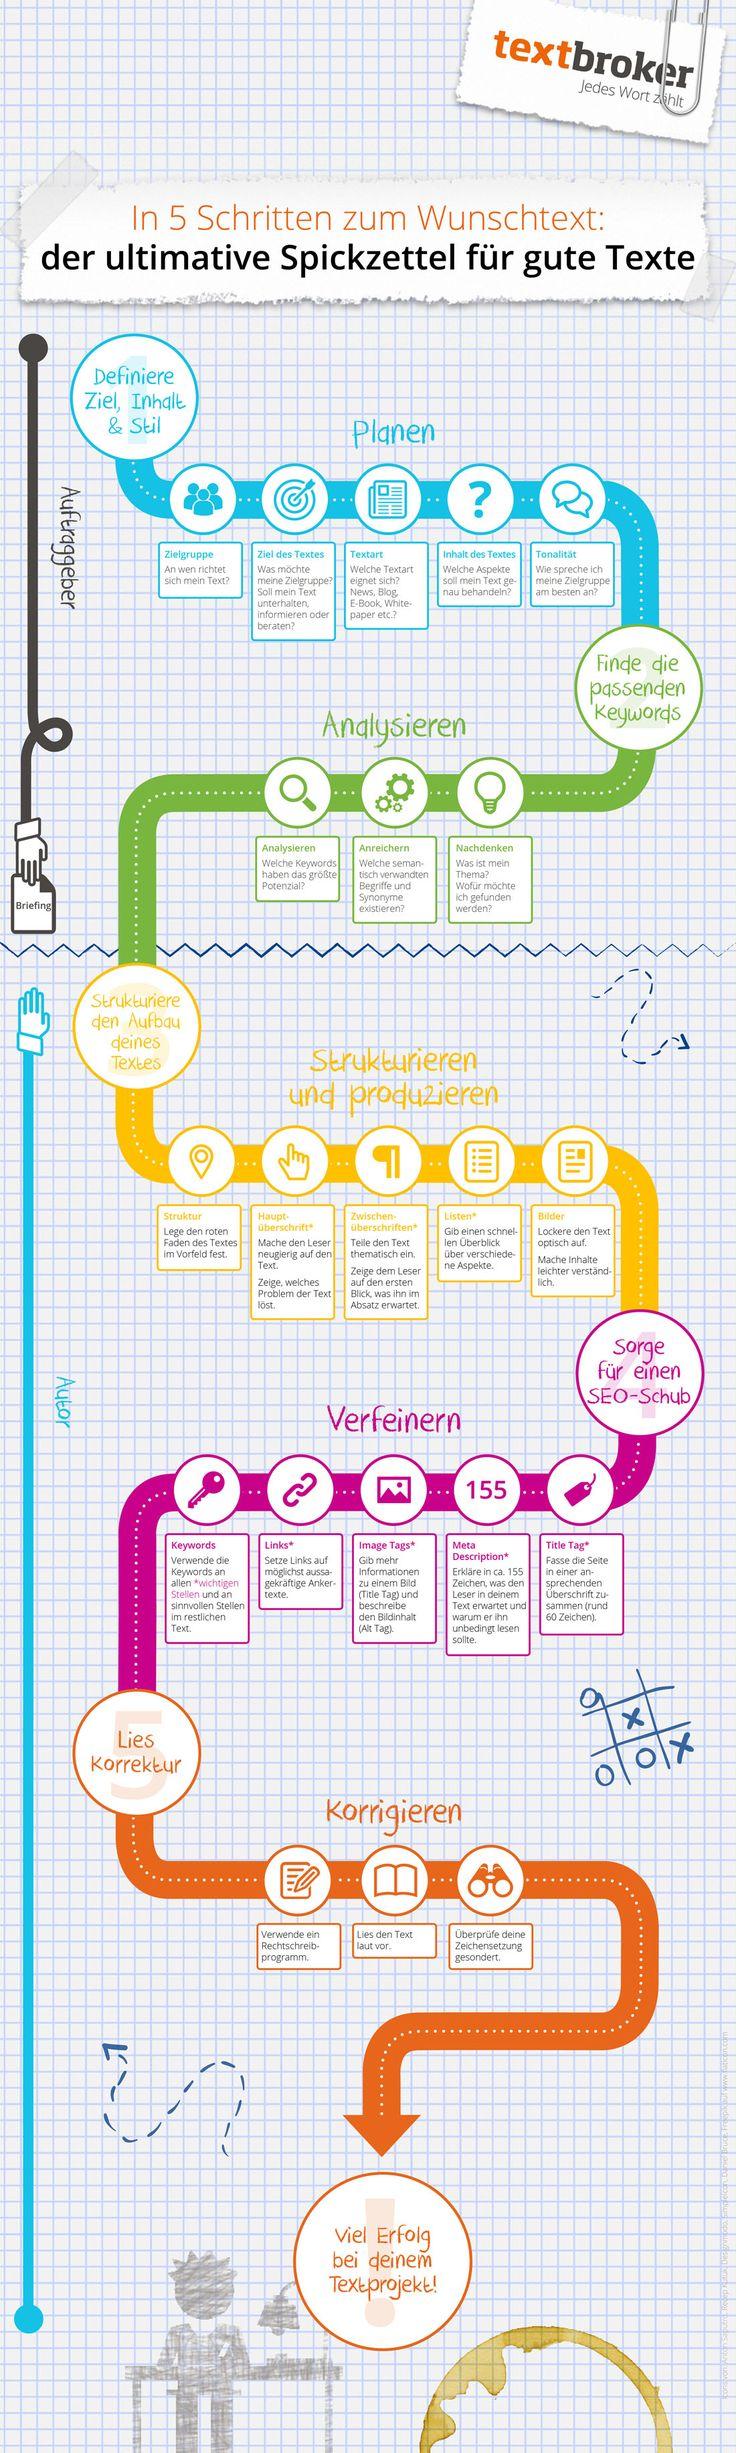 Gute Online-Texte schreiben: Checkliste für erfolgreiche Online-Texte